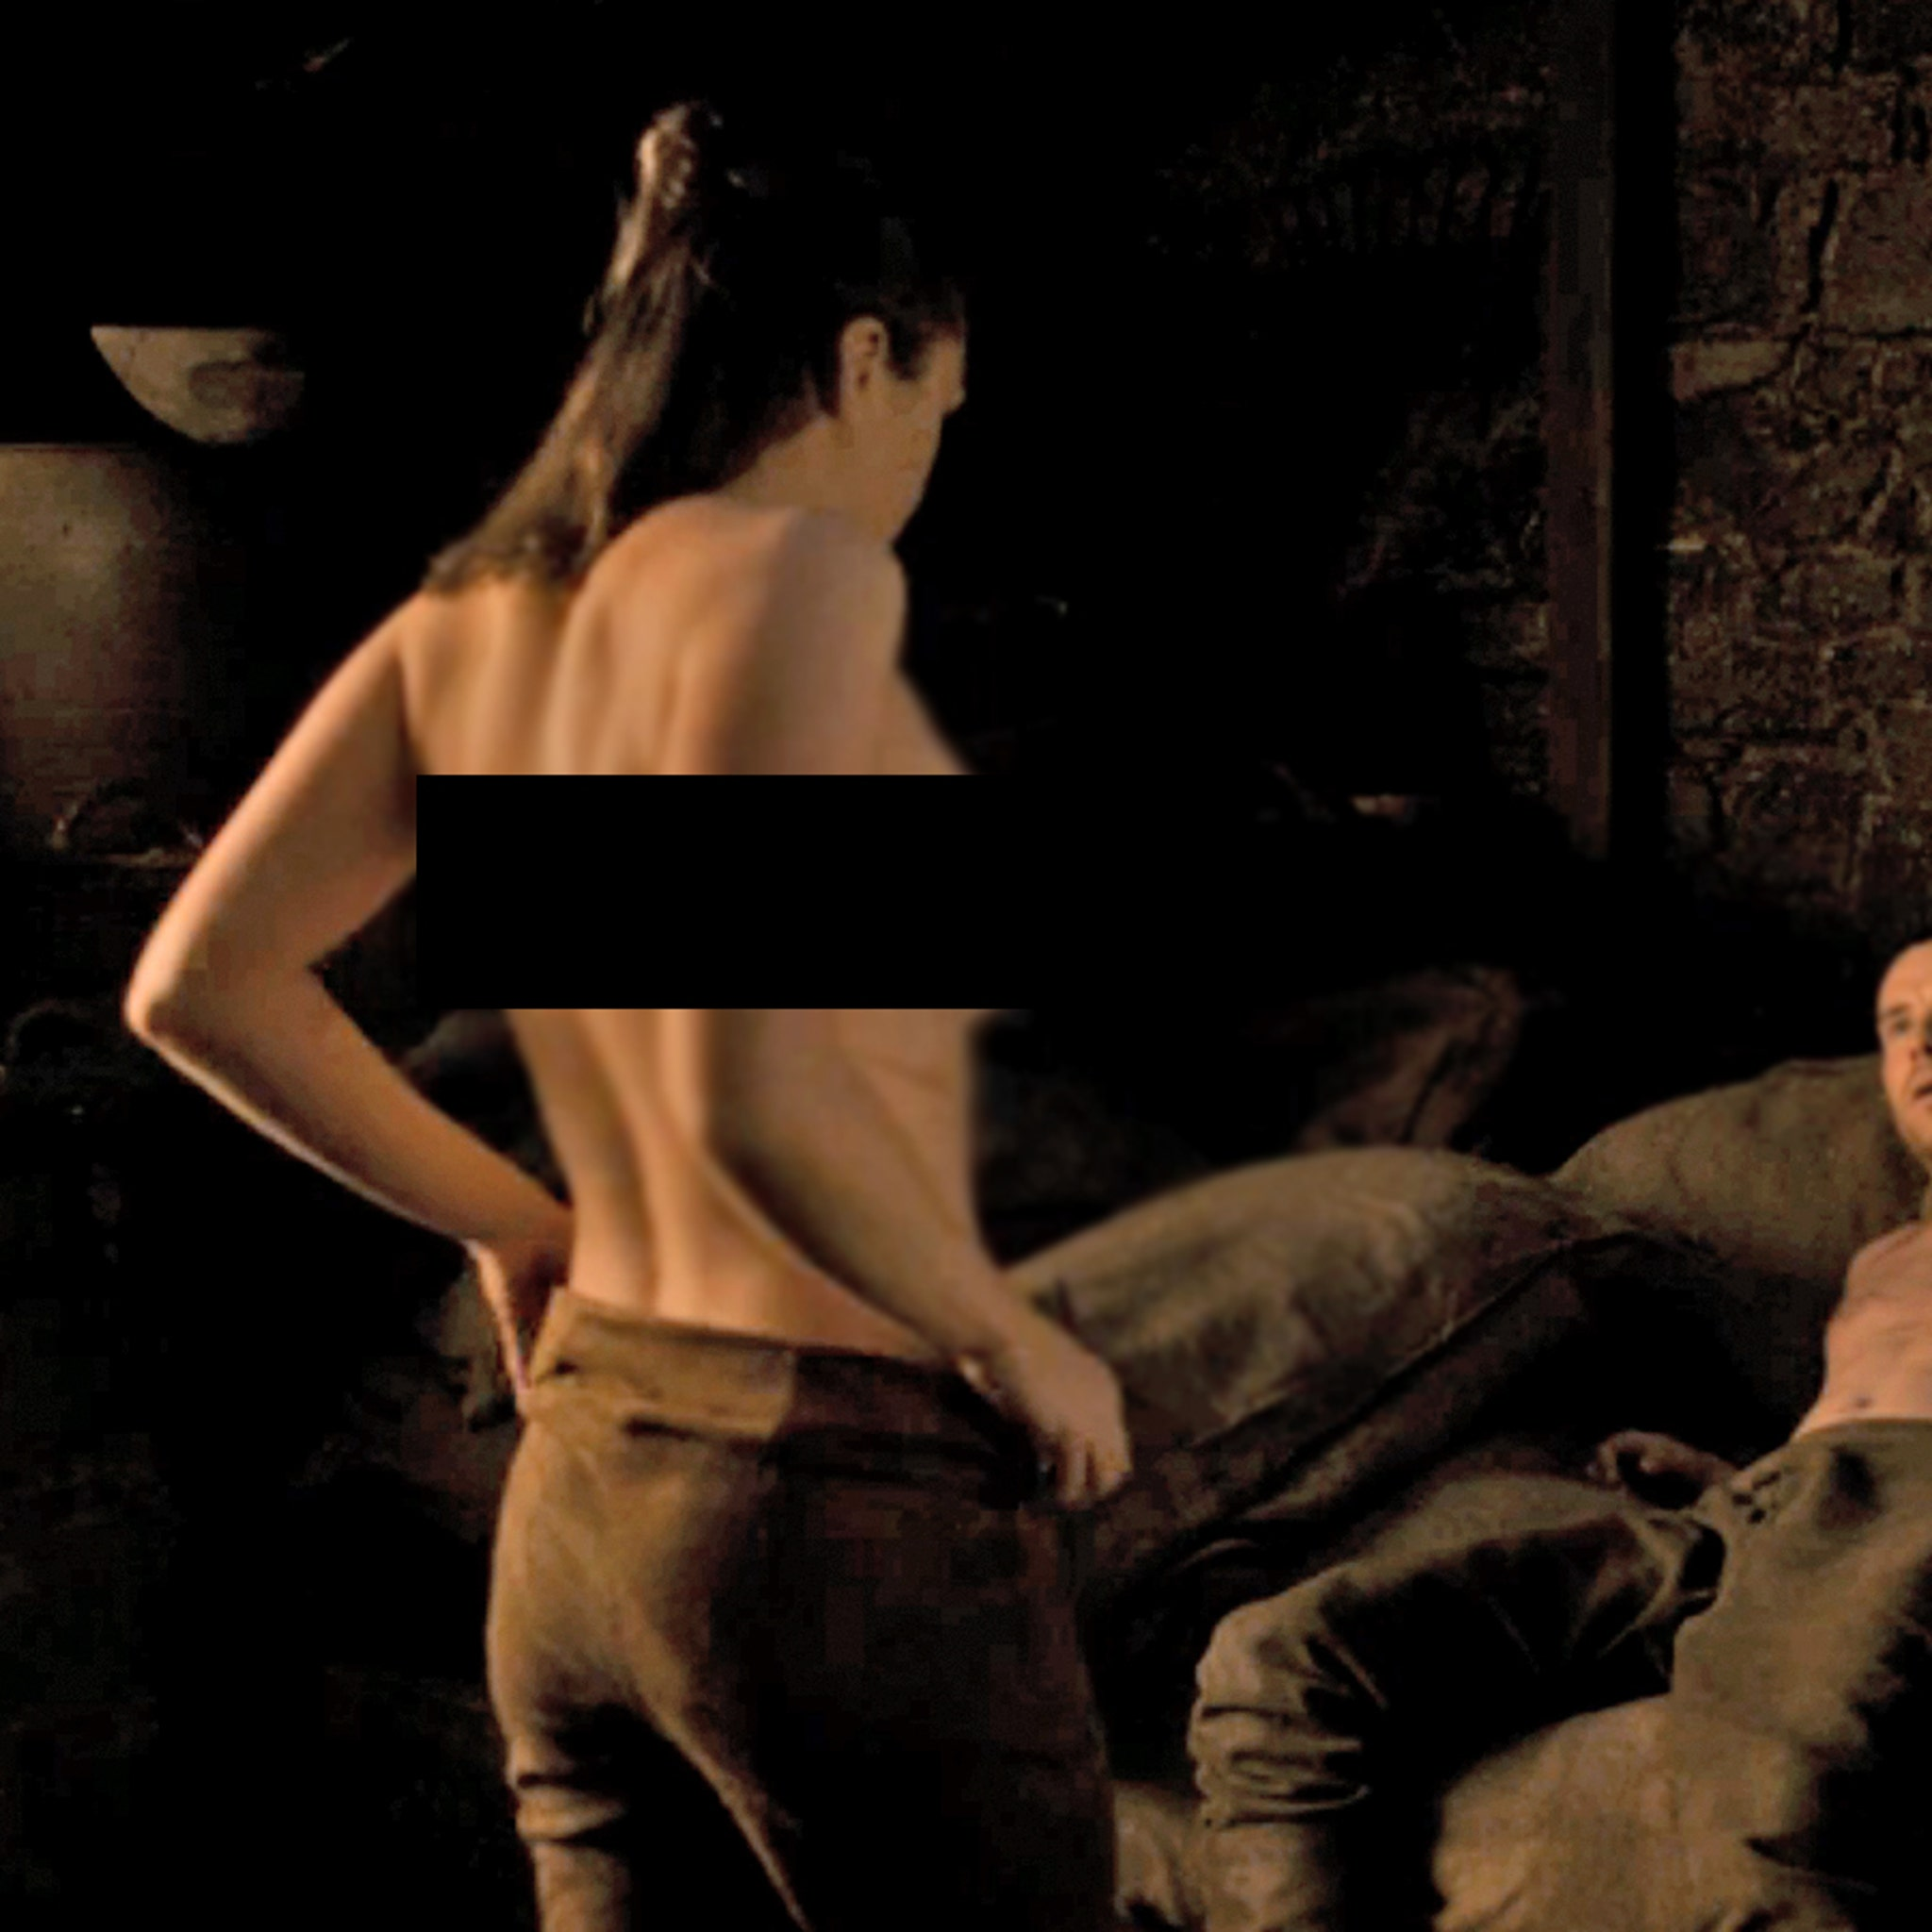 Arya Naked Got photo 9